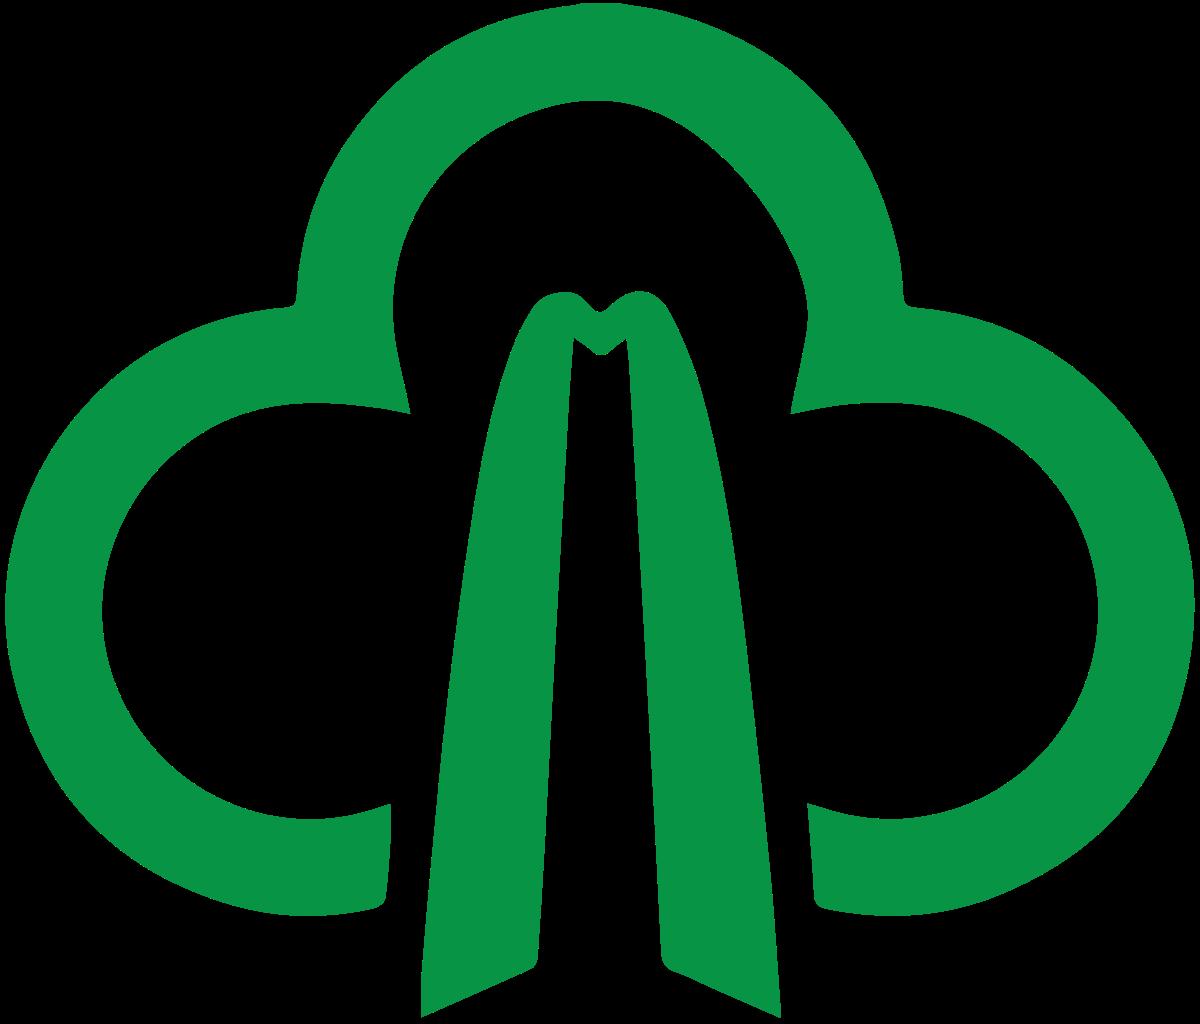 File:Fuzhou Metro logo.svg.